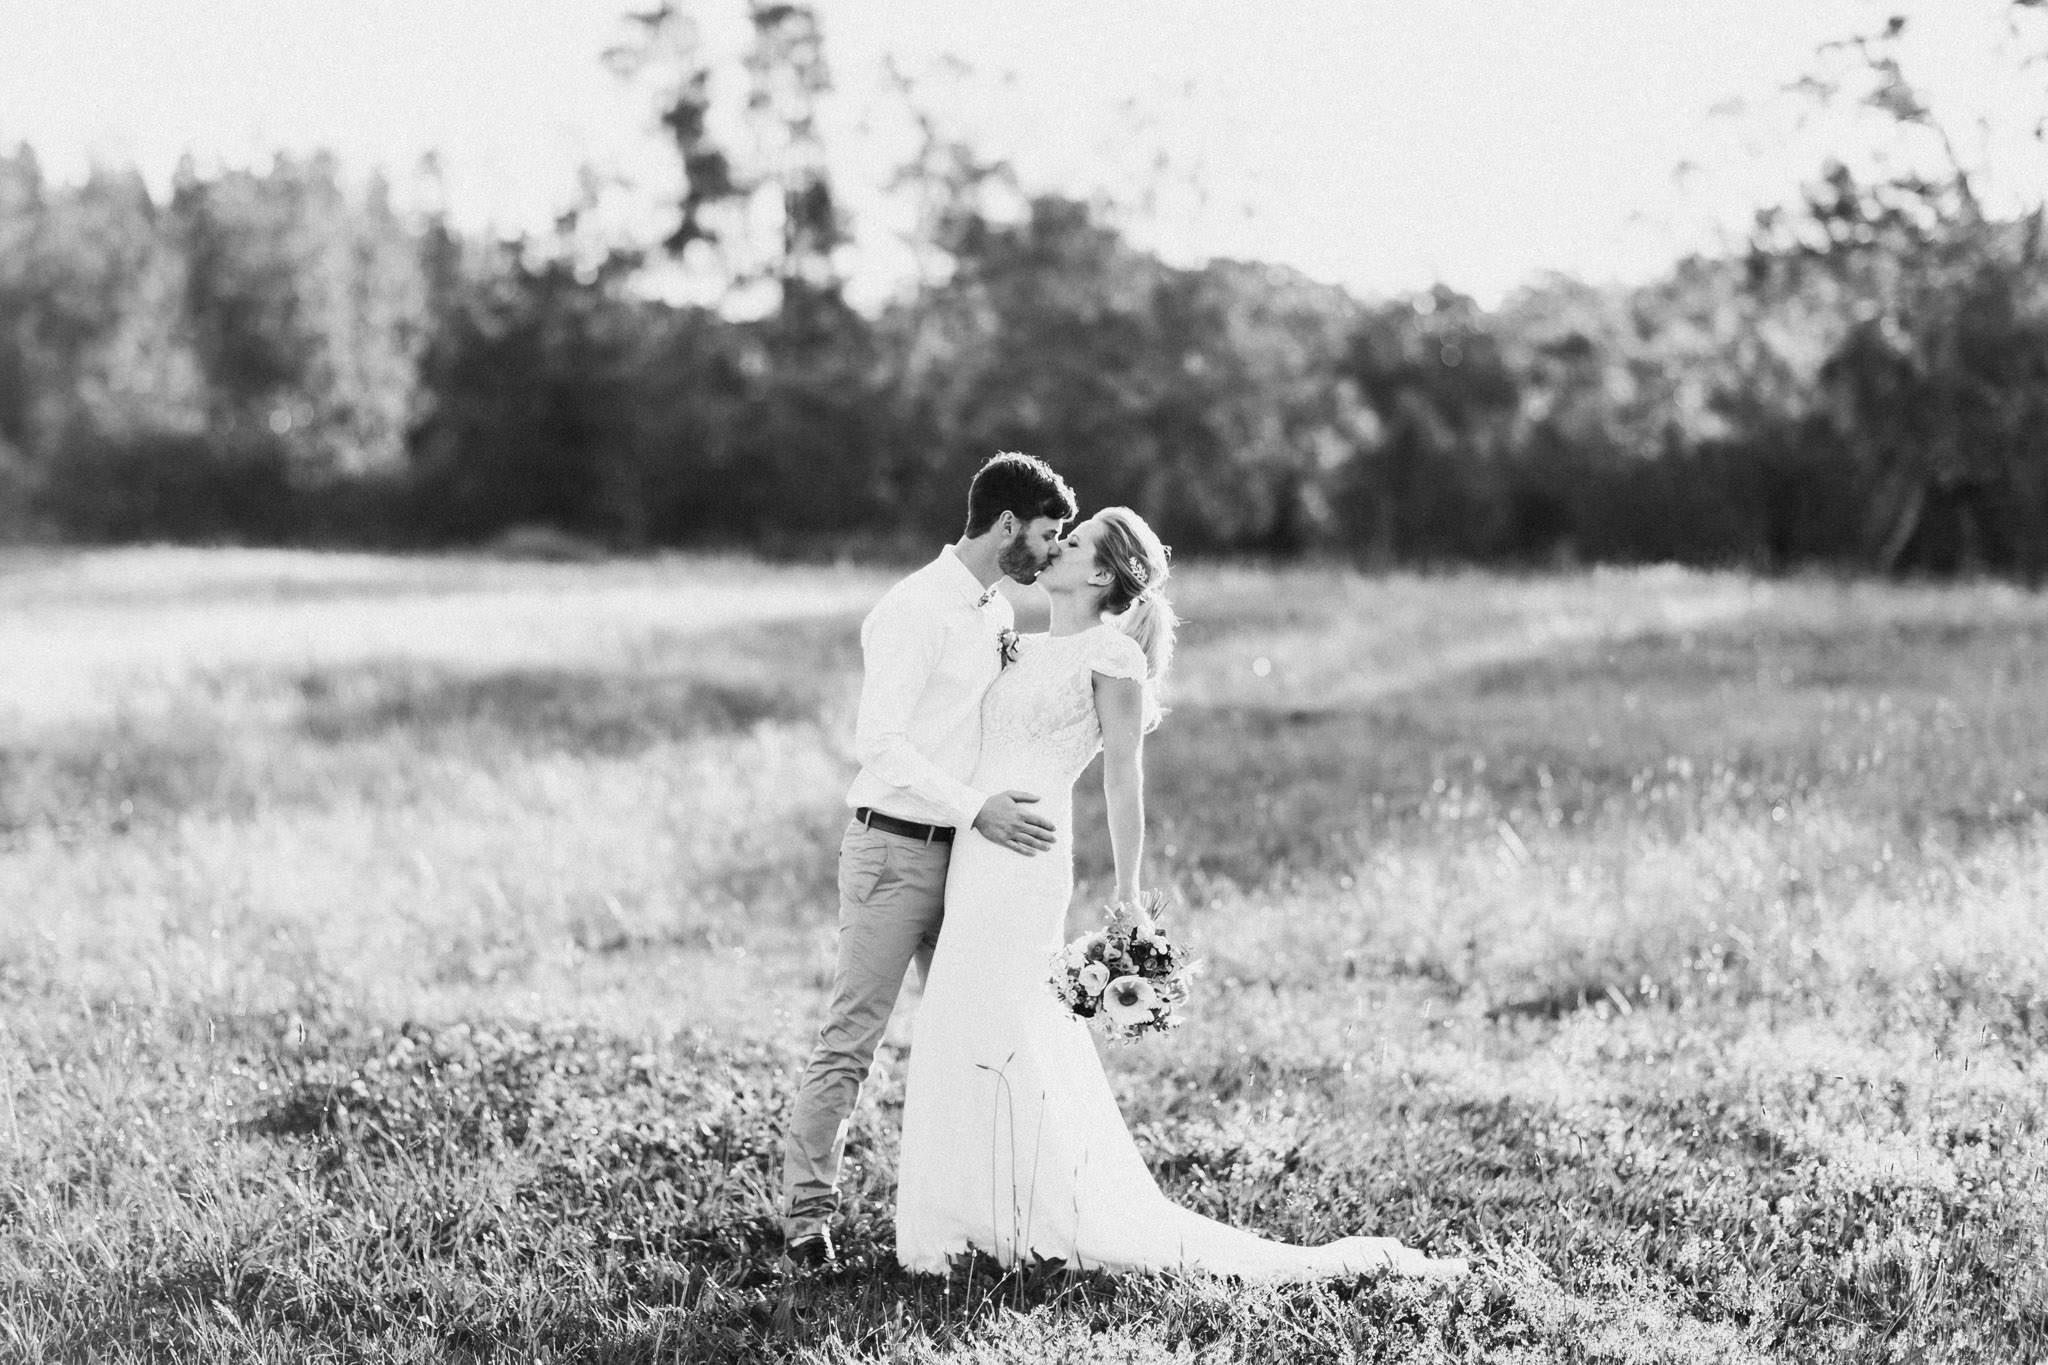 WeddingPhotos_Facebook_2048pixels-1591.jpg